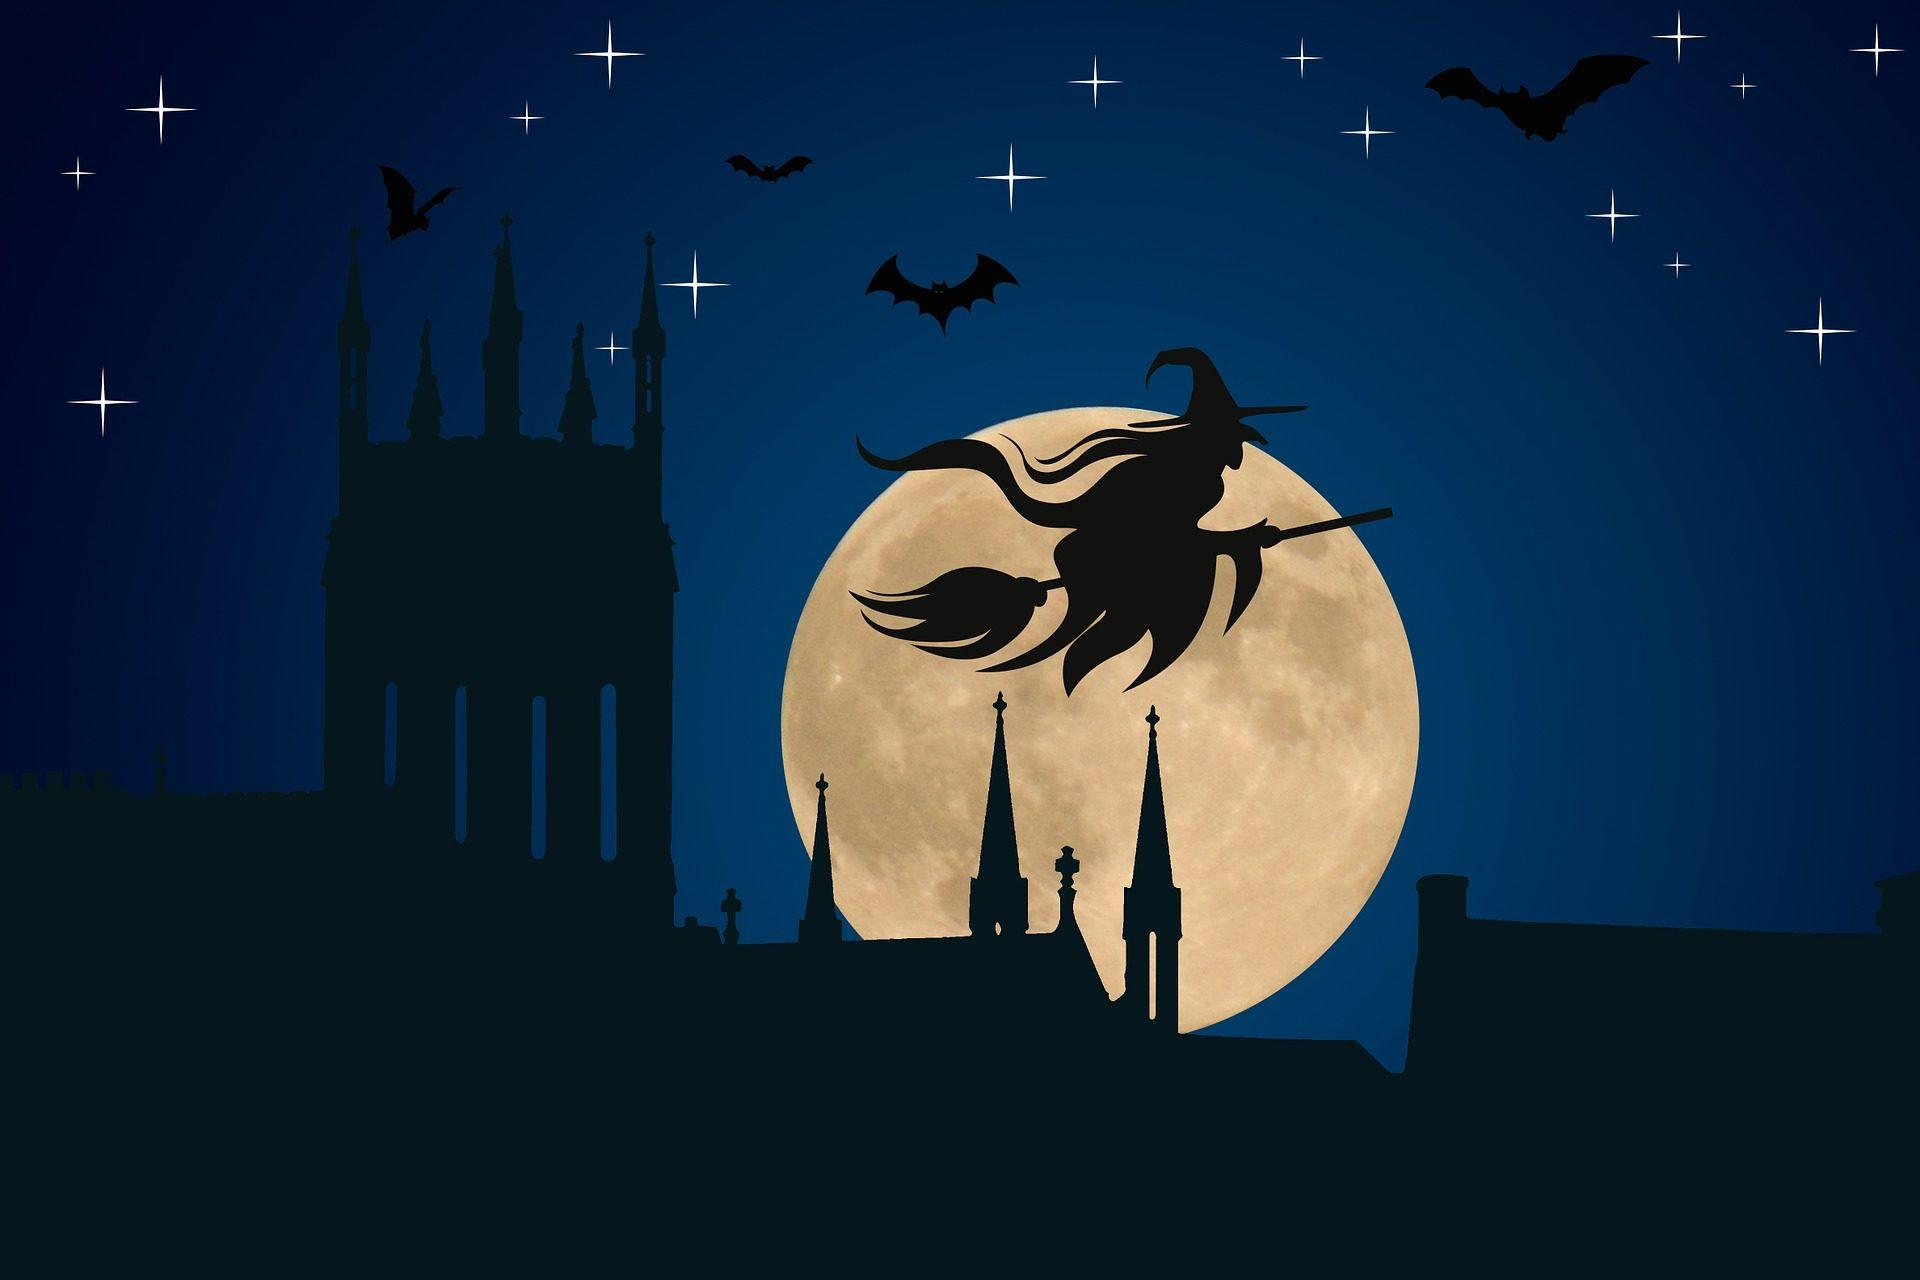 الساحرة, مكنسة, الخفافيش, القمر, ليلة, تخويف, عيد الهالوين - خلفيات عالية الدقة - أستاذ falken.com